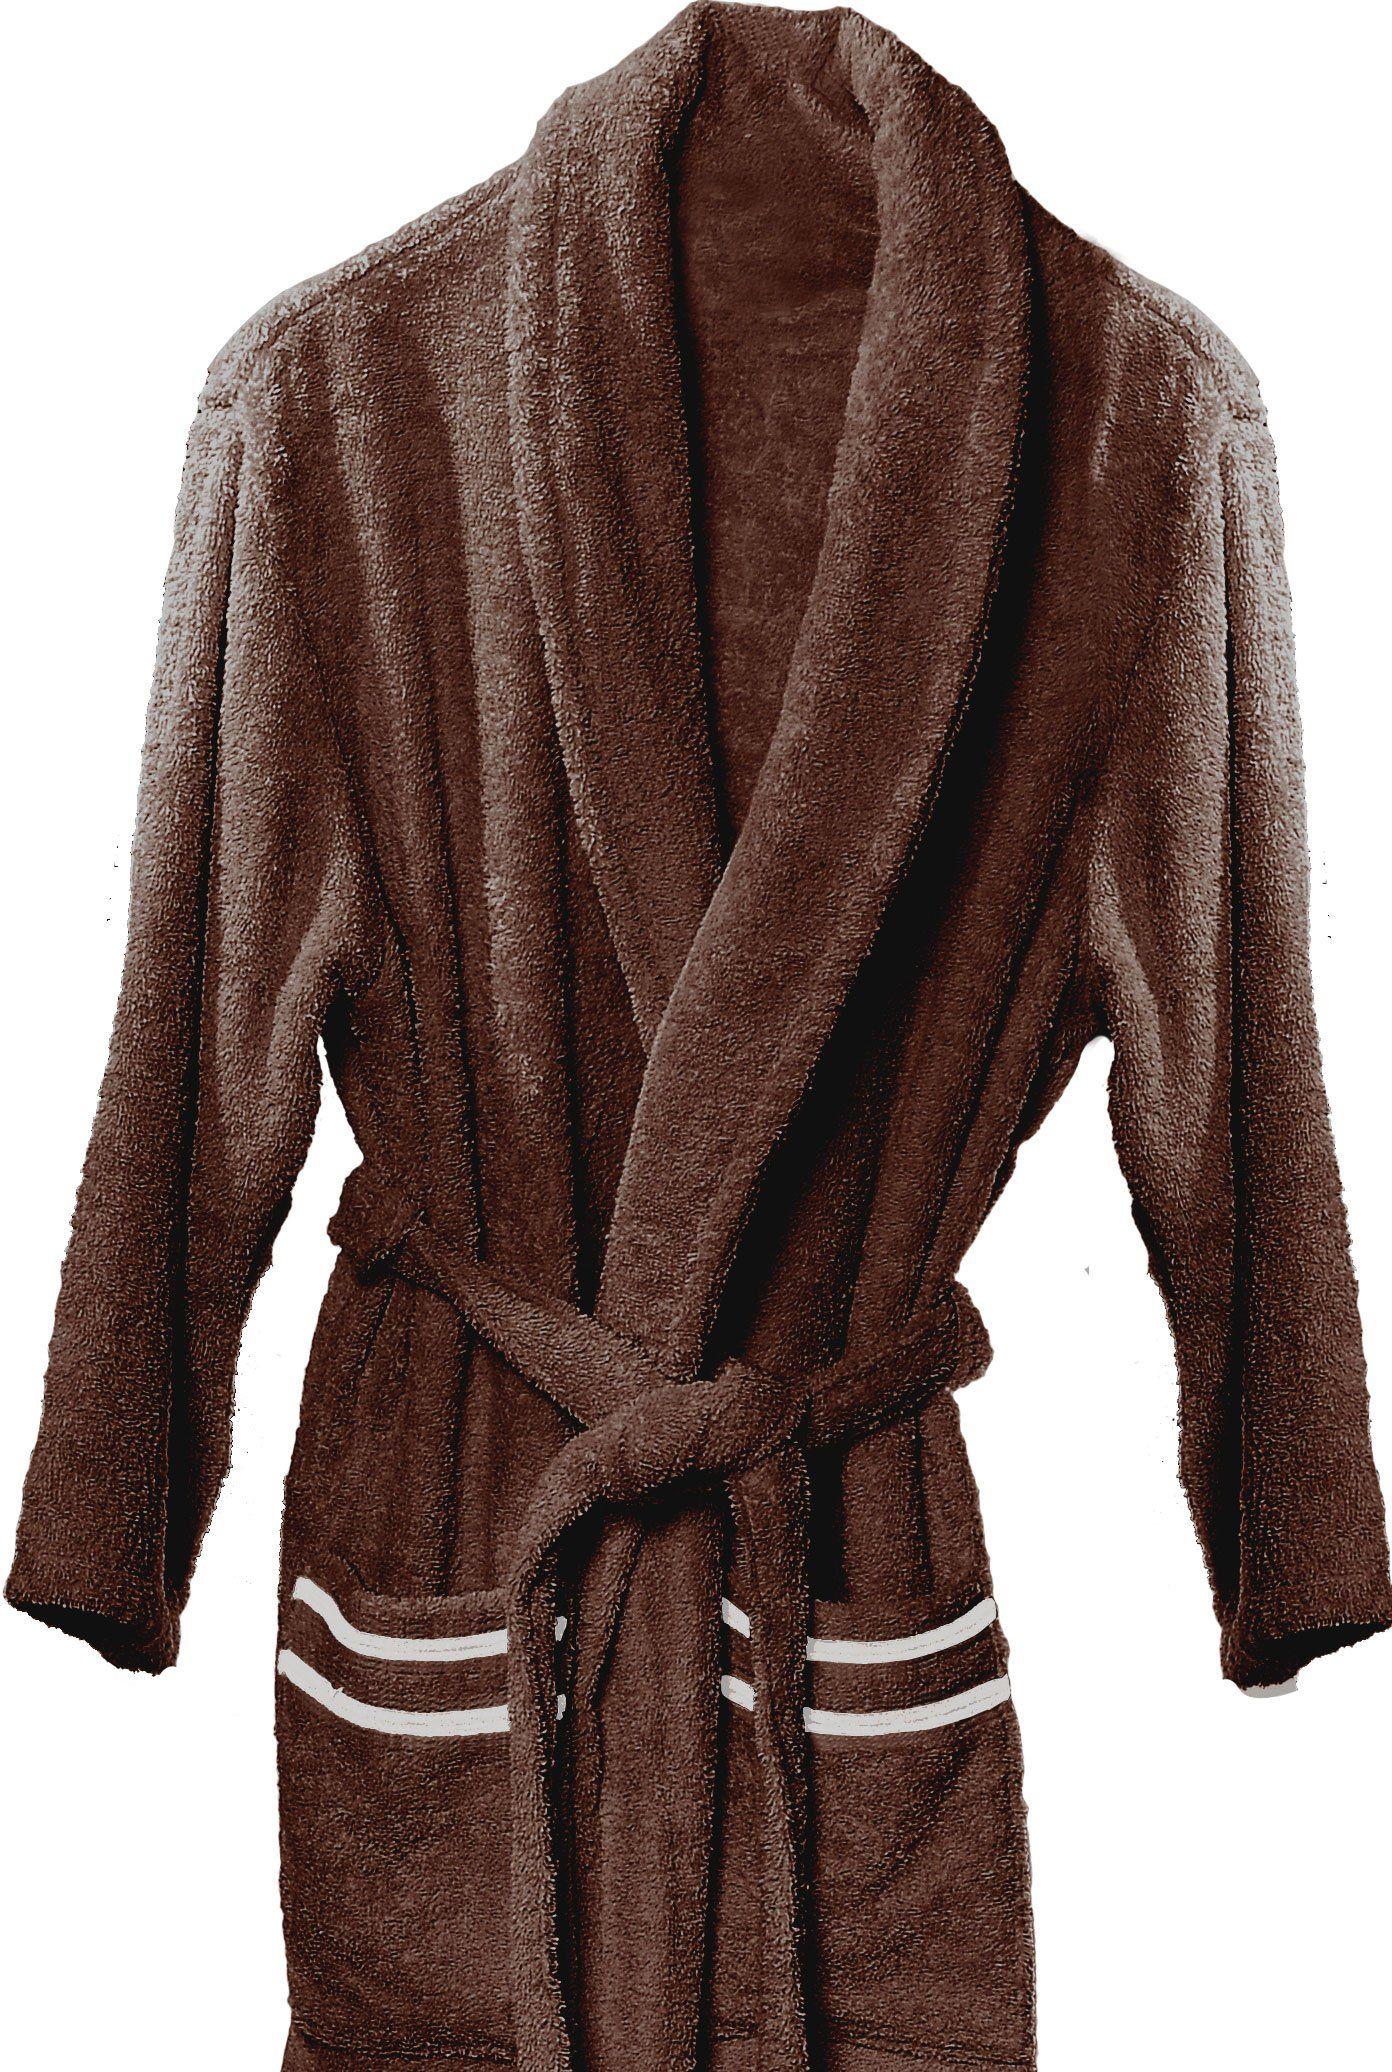 Atenas Home Textile Altea szlafrok kąpielowy z bawełnianego frotte, rozm. M, 100% bawełna, 320 g/m , beżowy/brązowy duży brązowy/beżowy